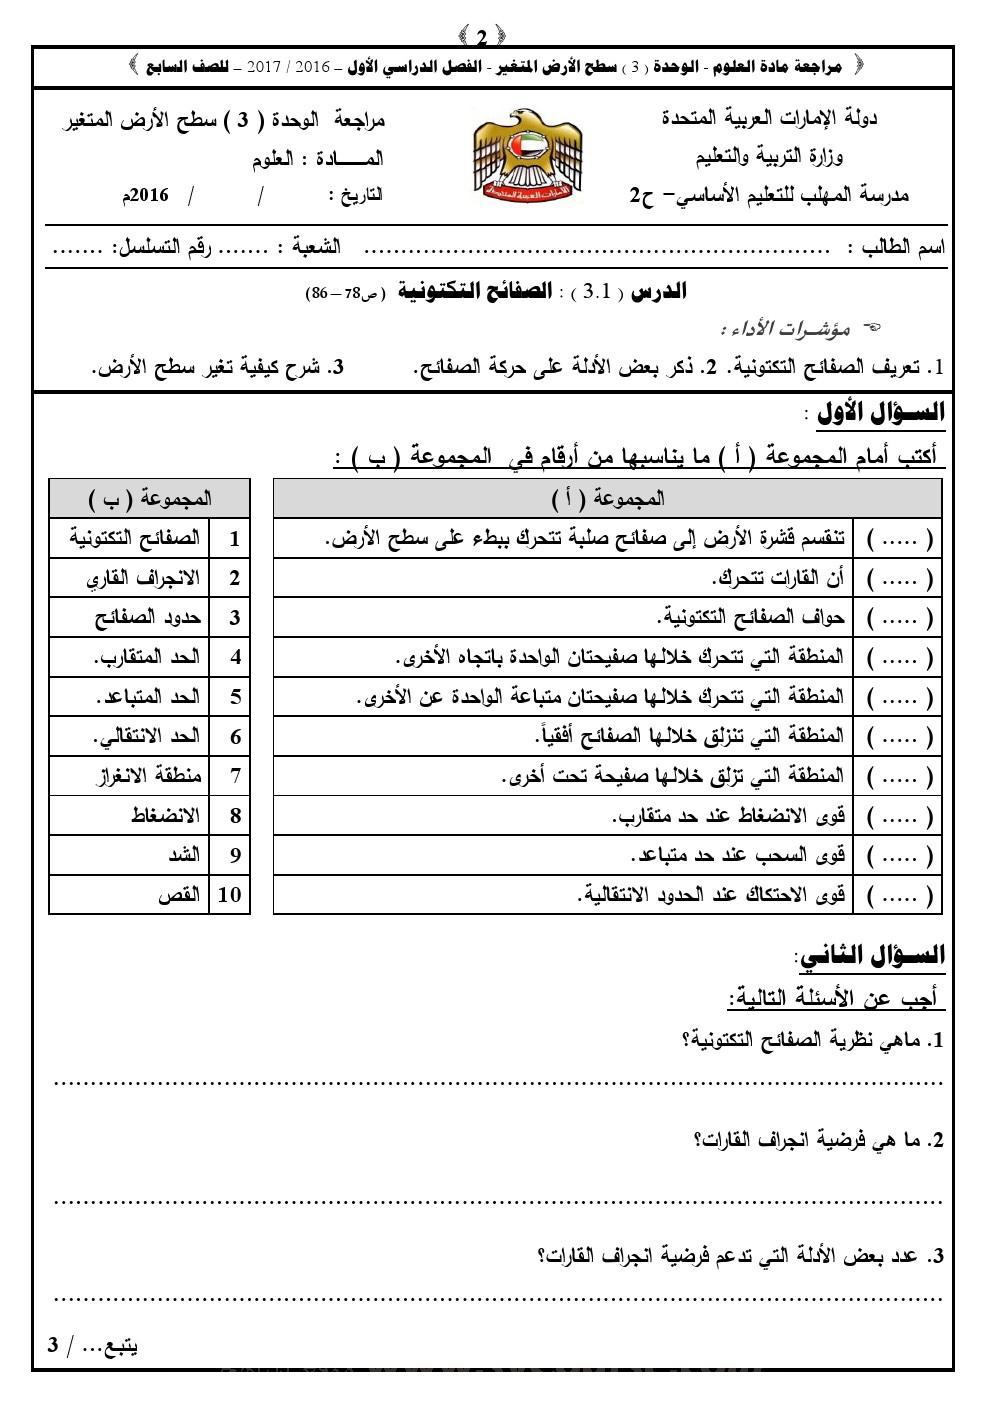 حل كتاب اللغة العربية للصف الثالث الابتدائي الكويت